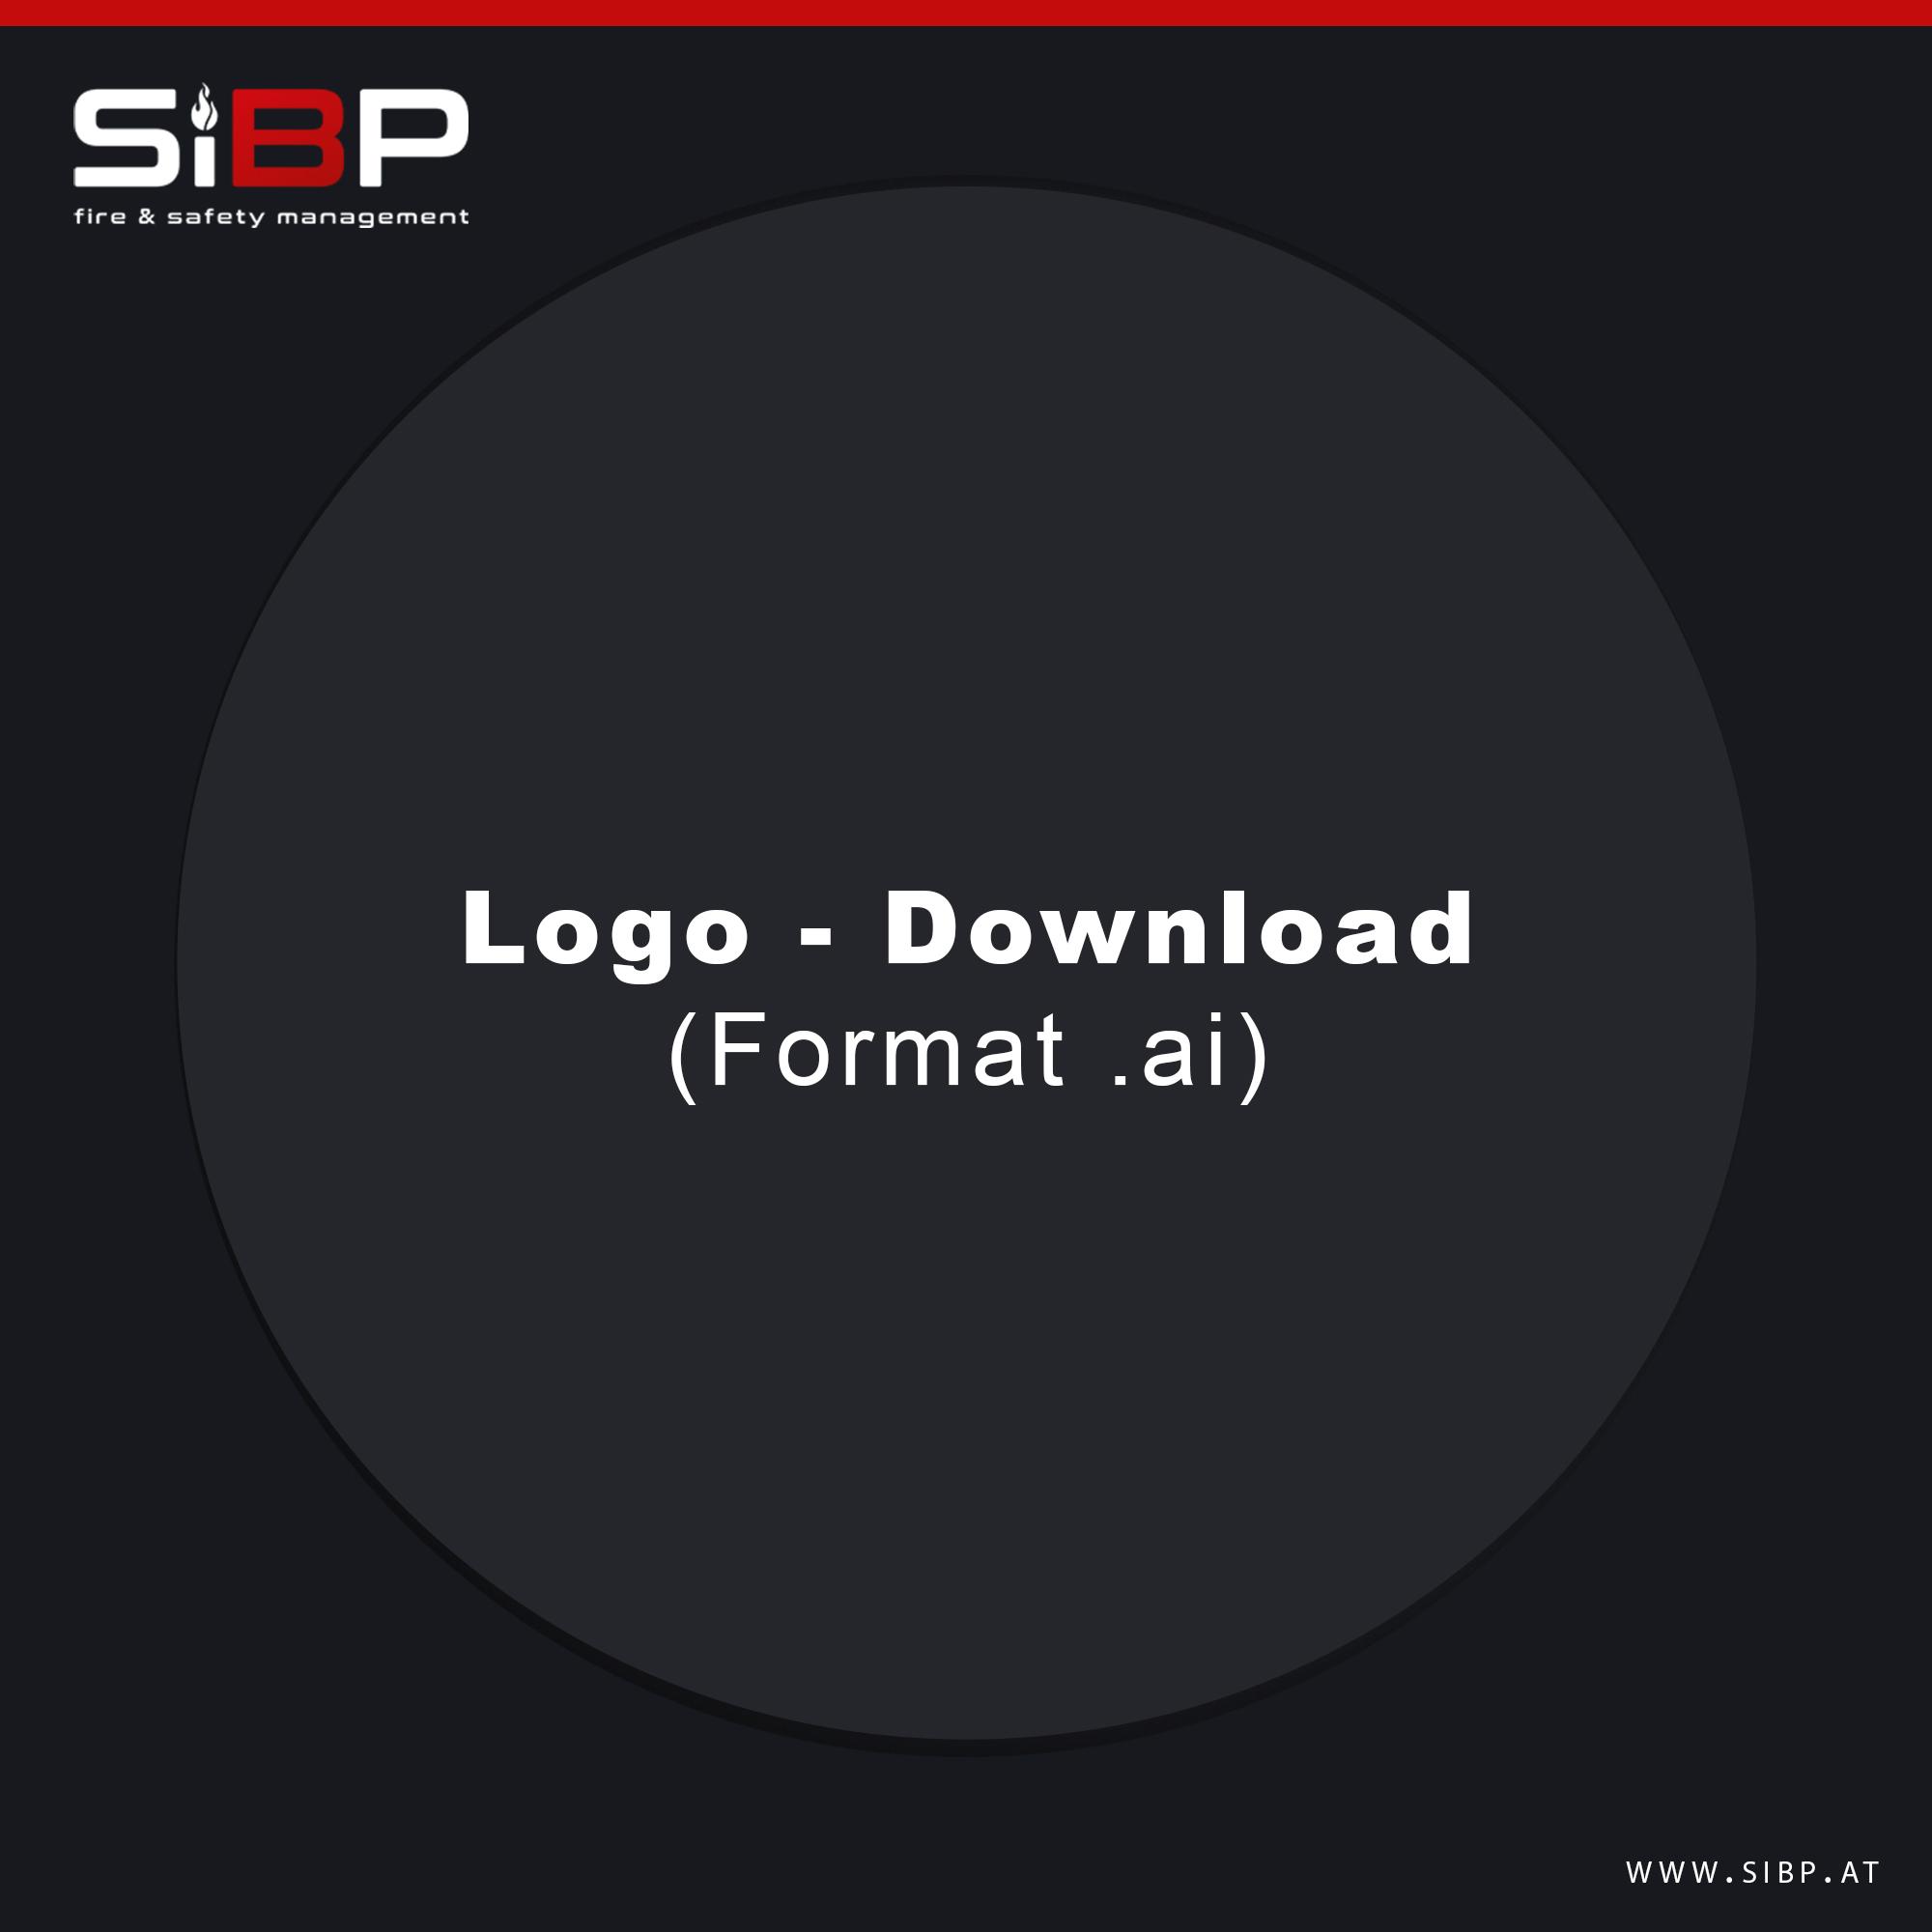 Download LOGO (.ai)